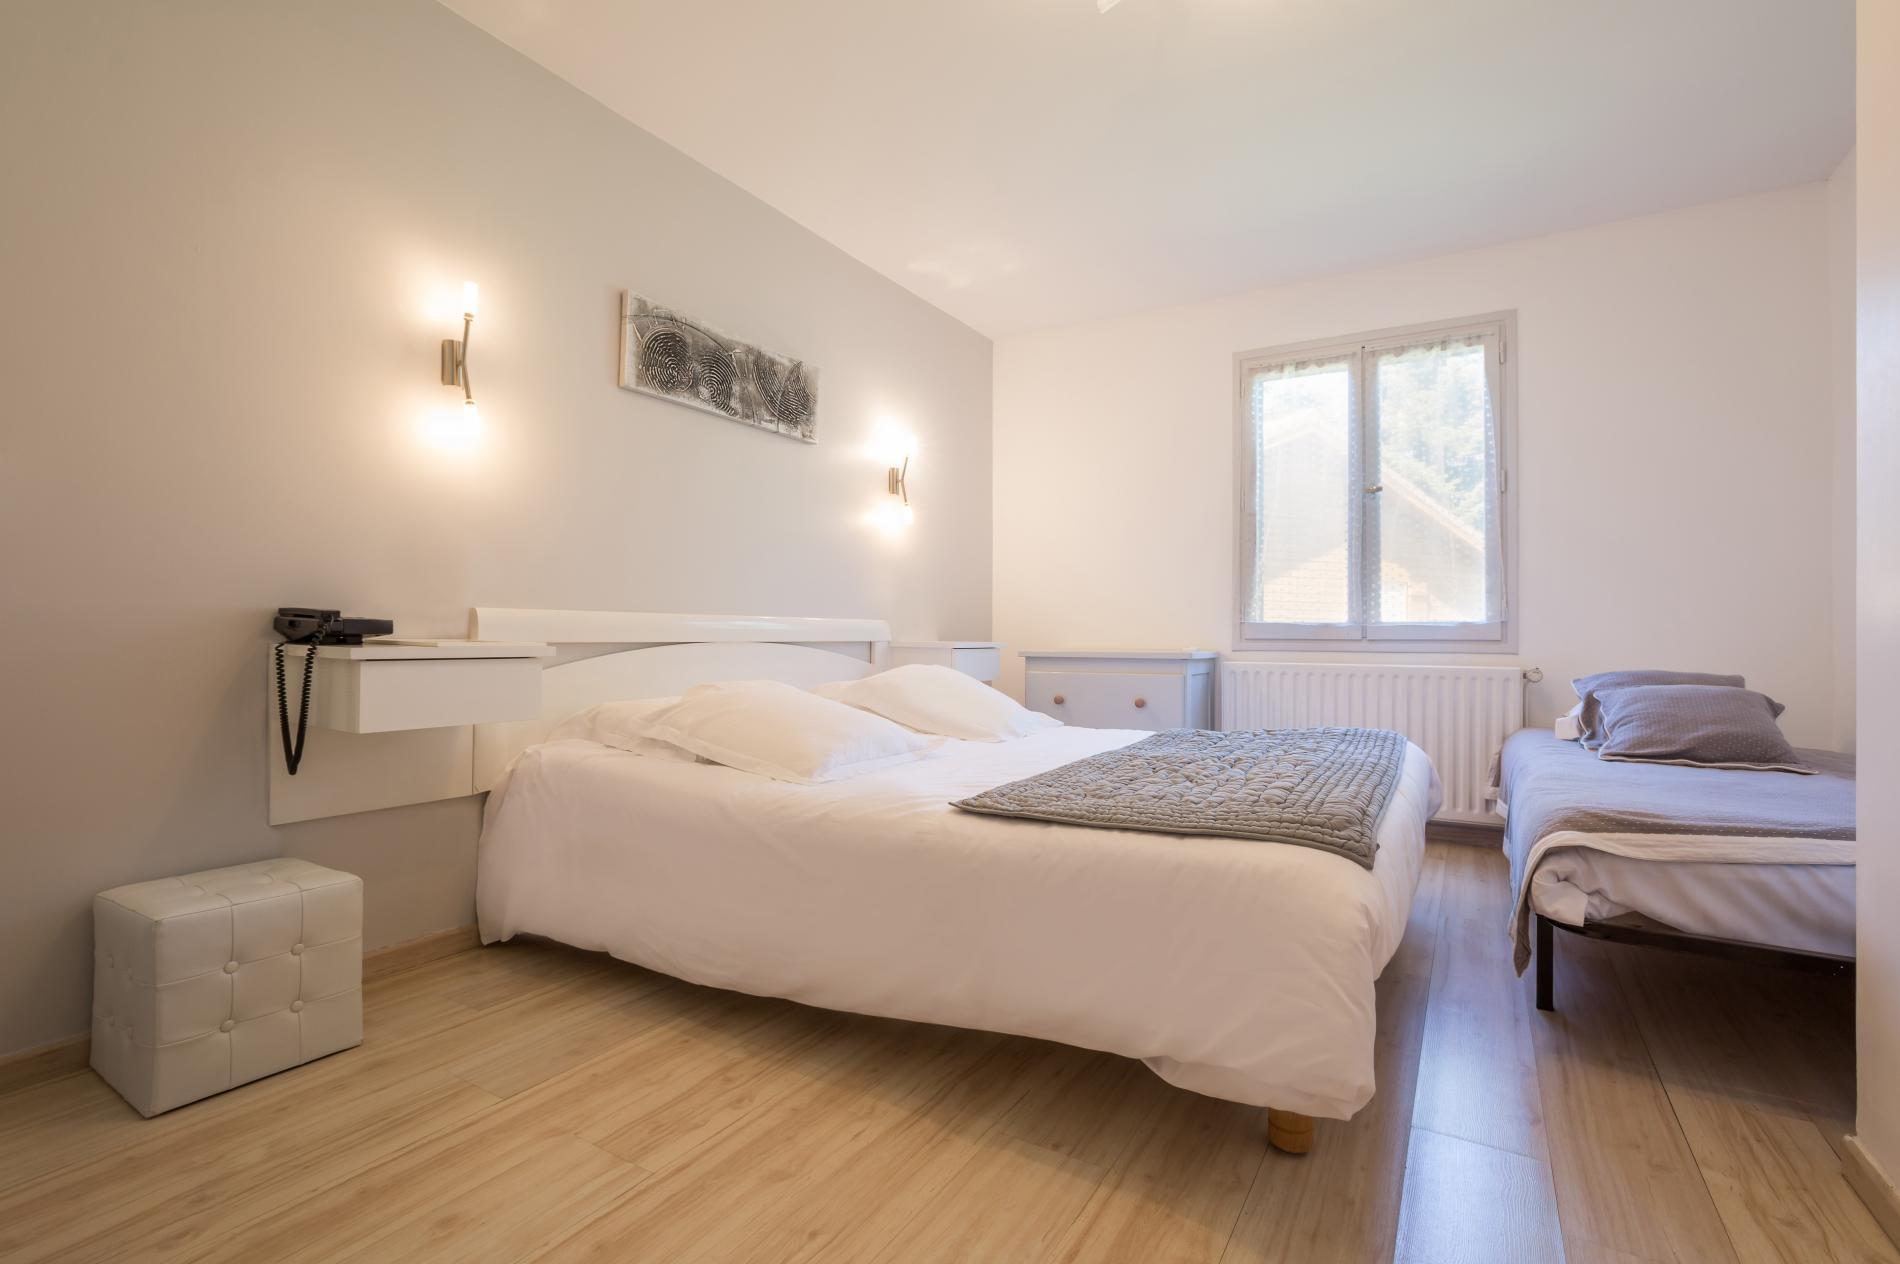 Tarifs et offres speciales hotel auvergne bord de loire chambre triple